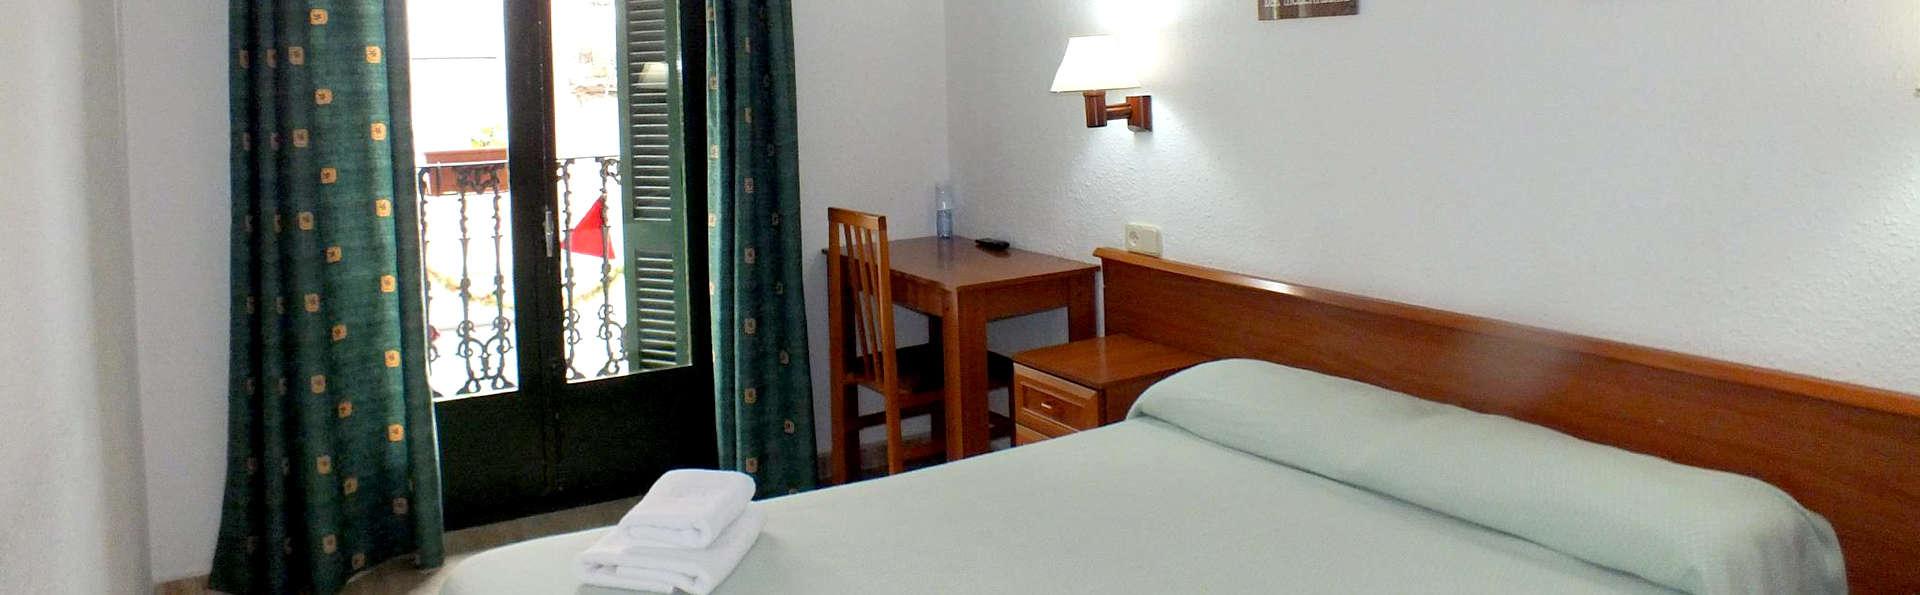 Hôtel de charme aux portes de la Costa Brava